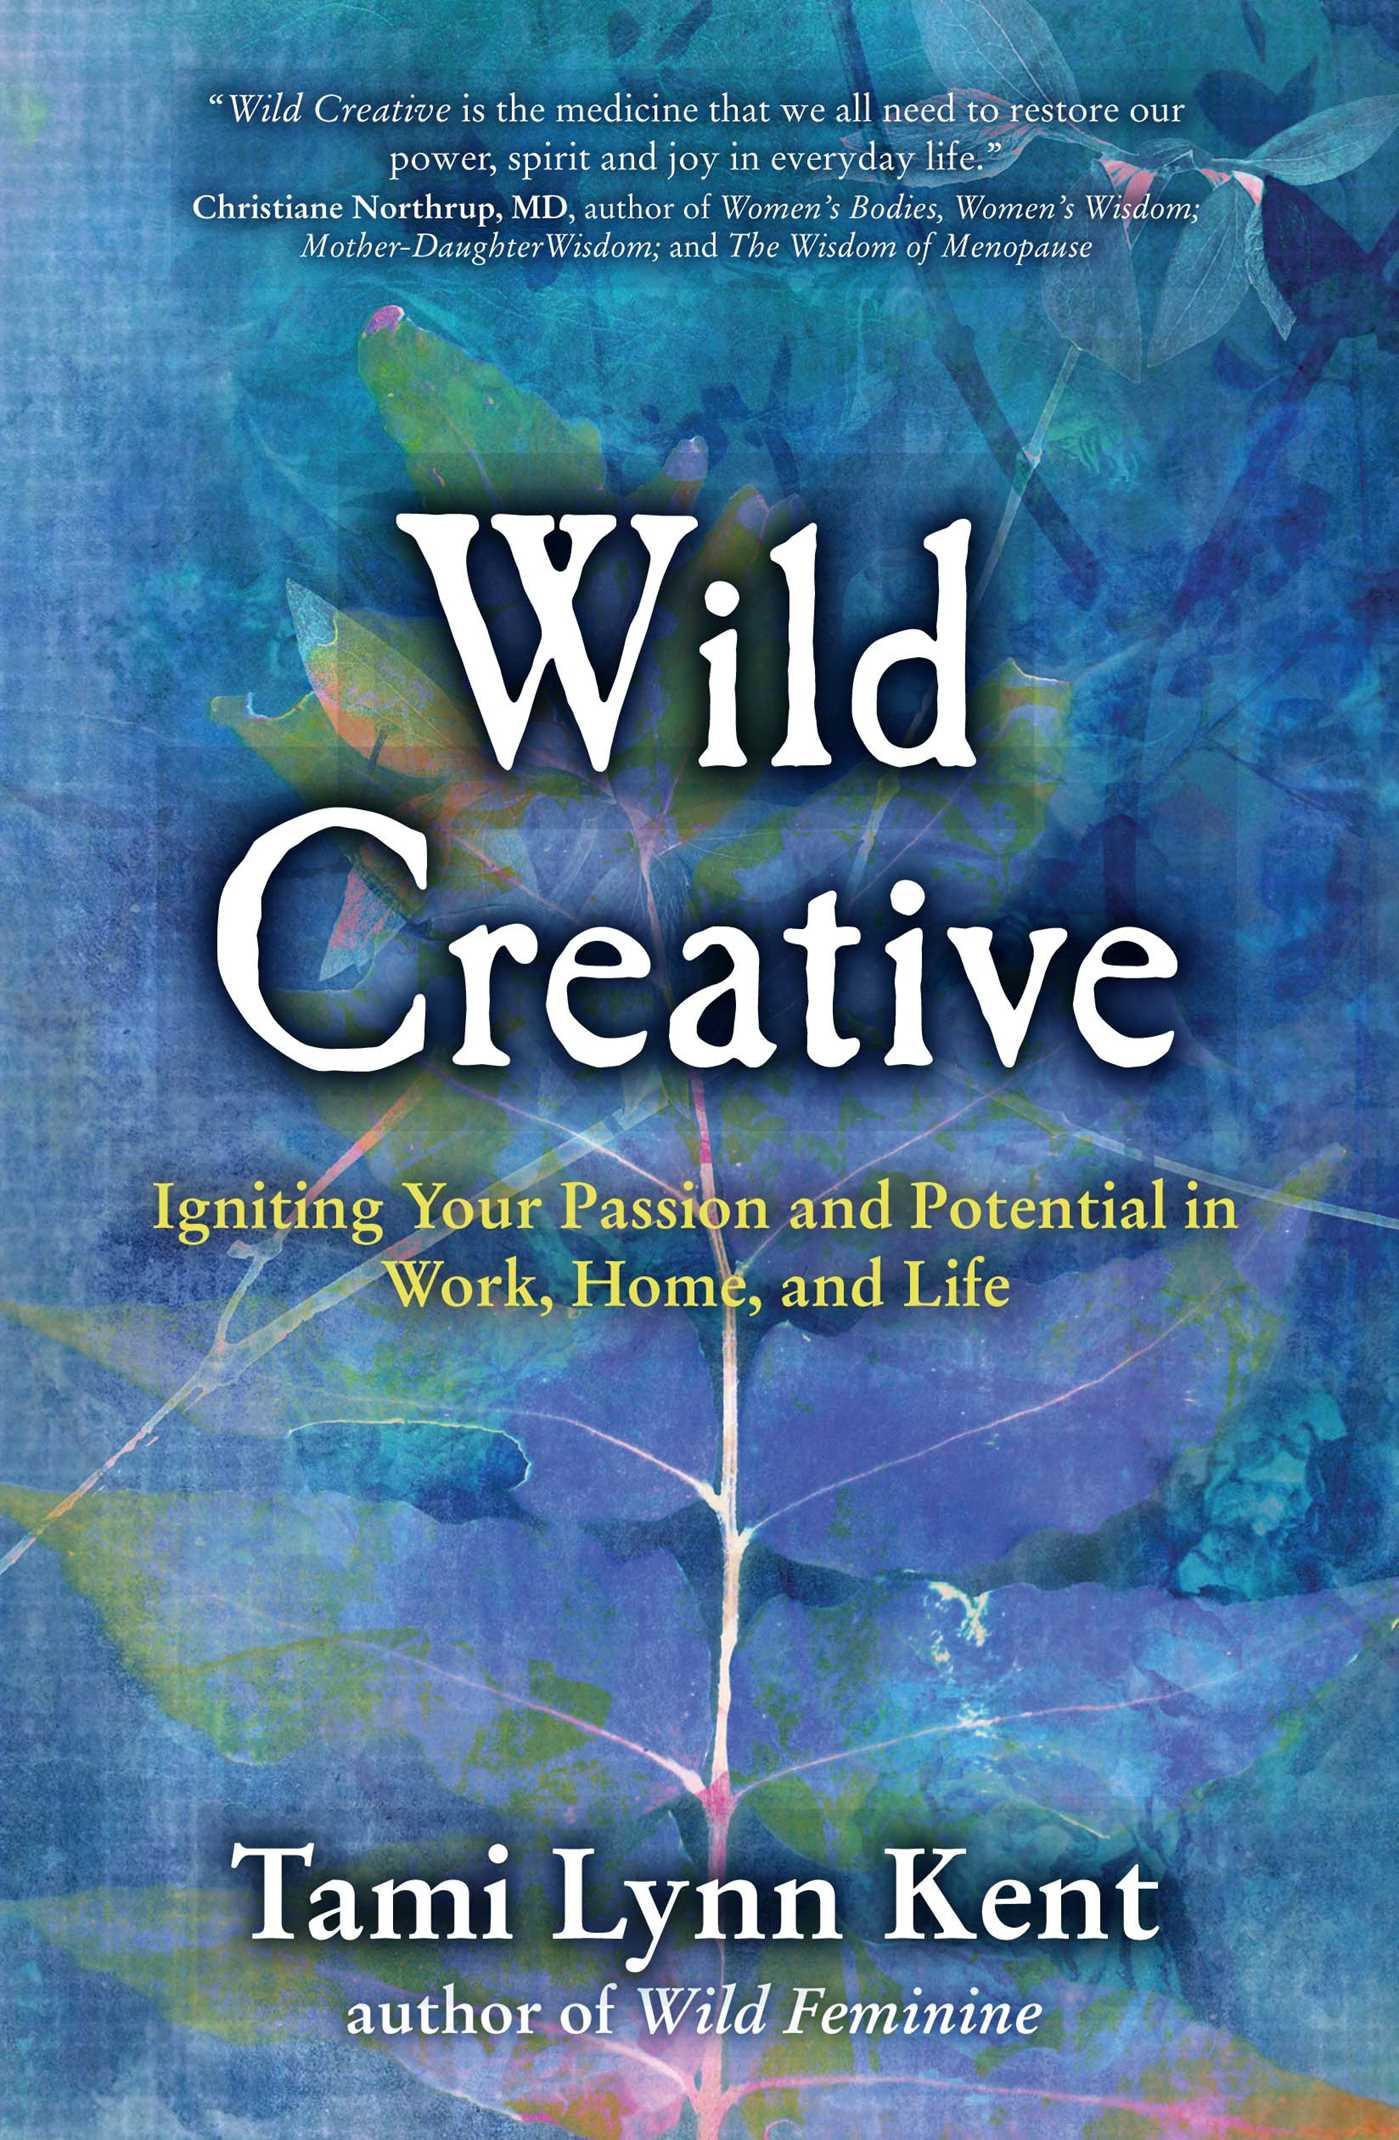 Wild creative 9781582703558 hr